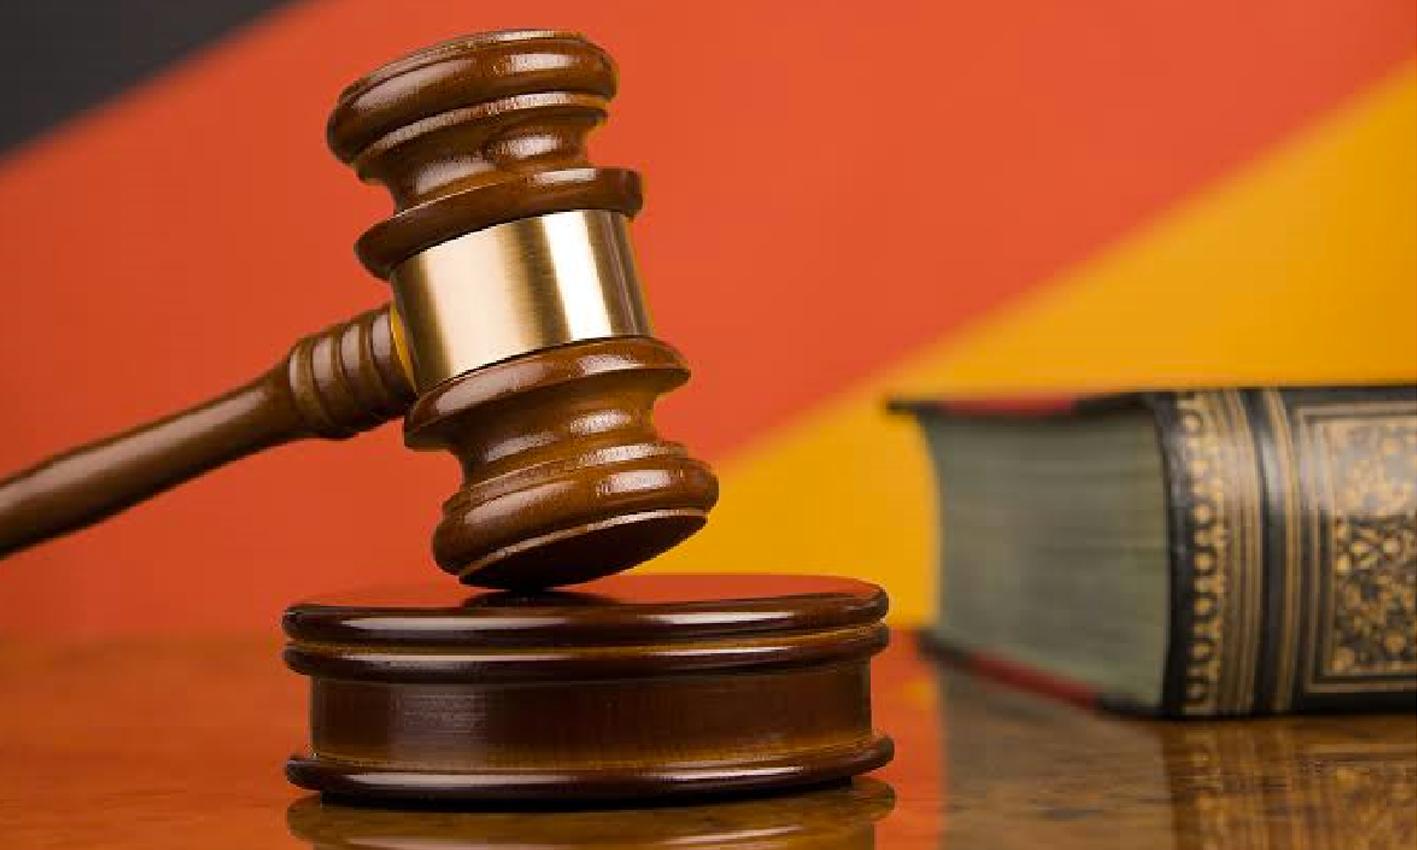 CCJ aprova proposta que torna crime ludibriar sistema de controle de emissões